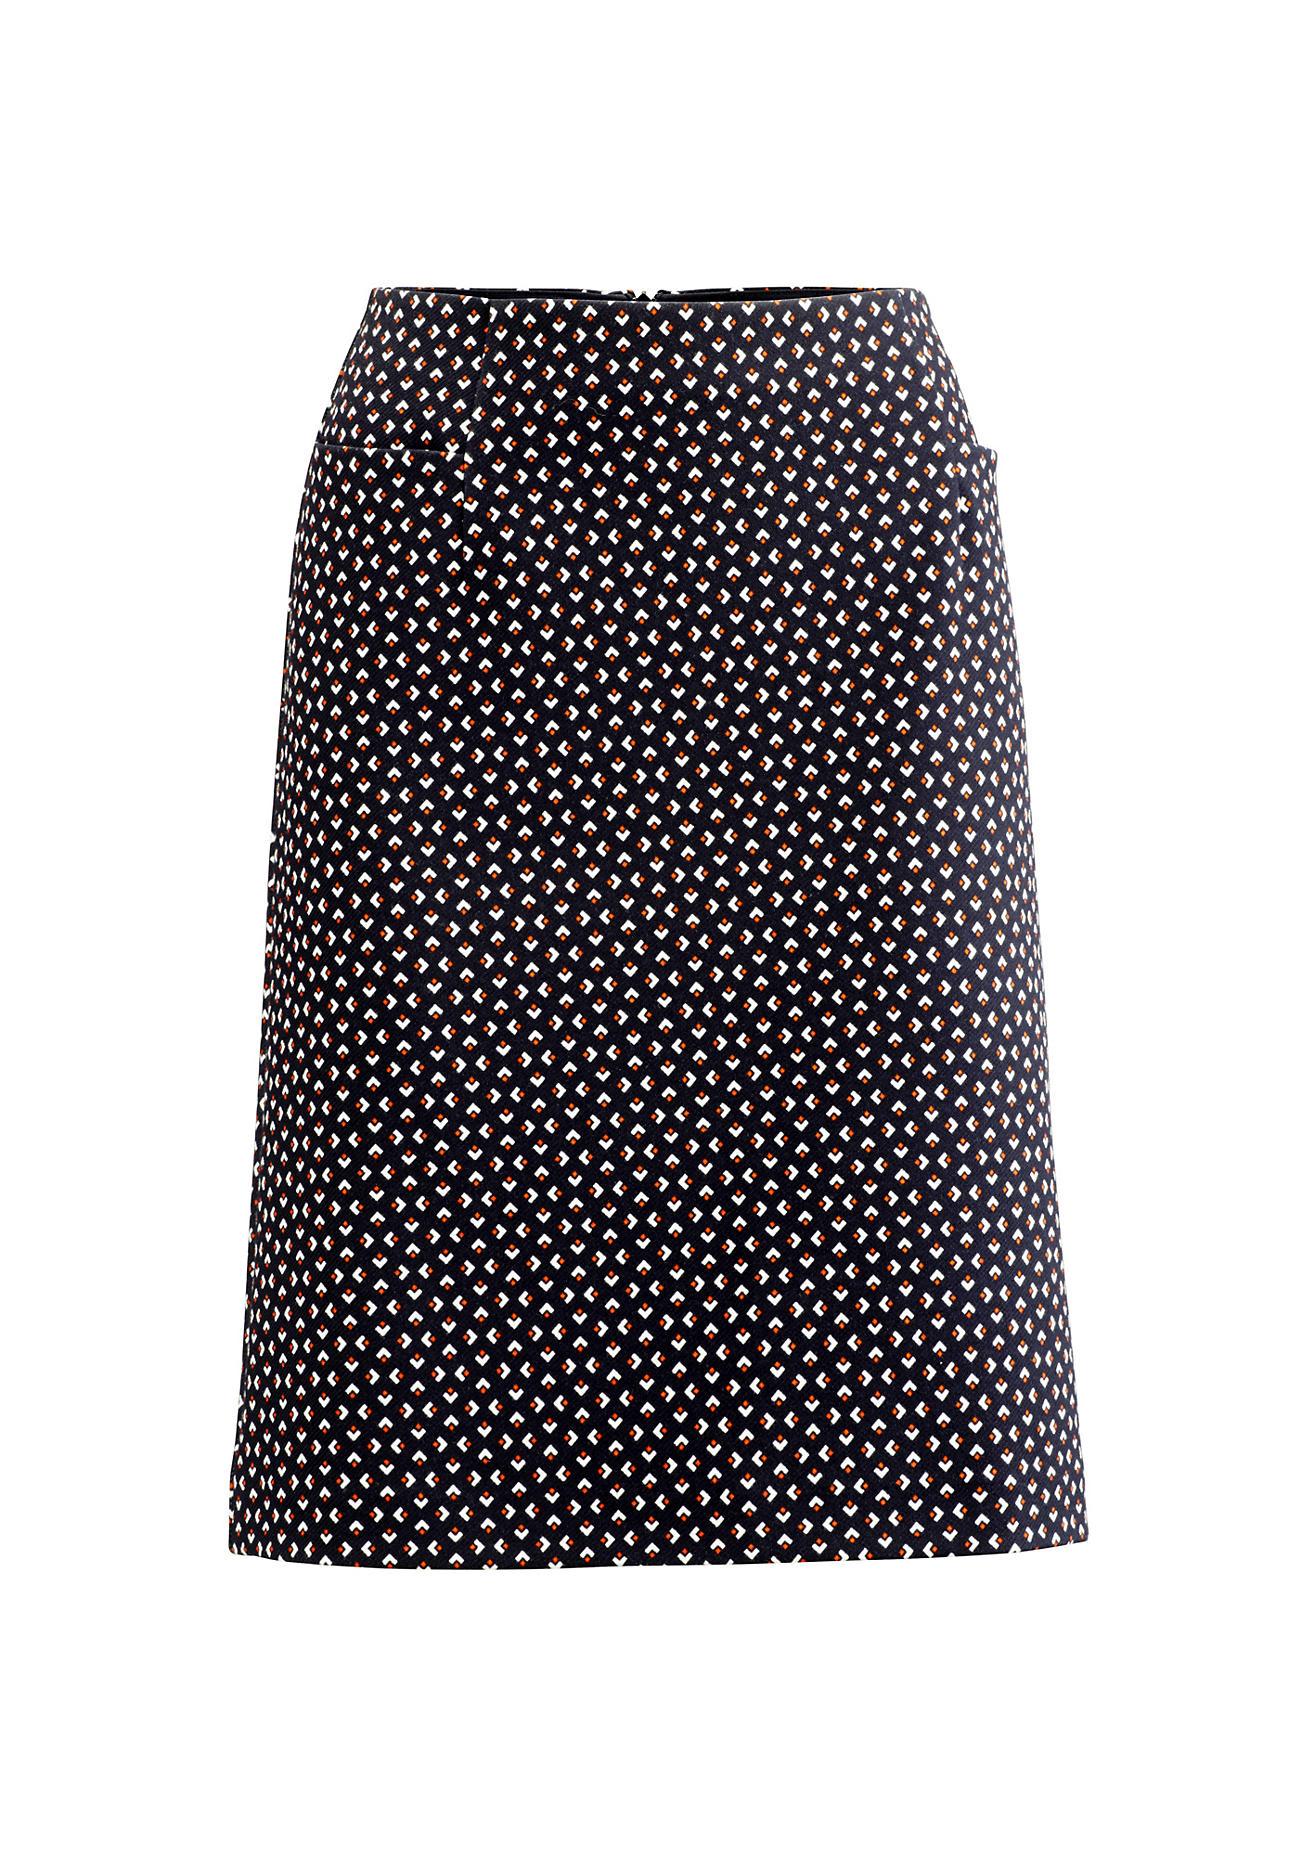 hessnatur Damen Jerseyrock aus Bio-Baumwolle – bunt – Größe 46 | Bekleidung > Röcke > Jerseyröcke | Gemustert | Baumwolle - Twill | hessnatur